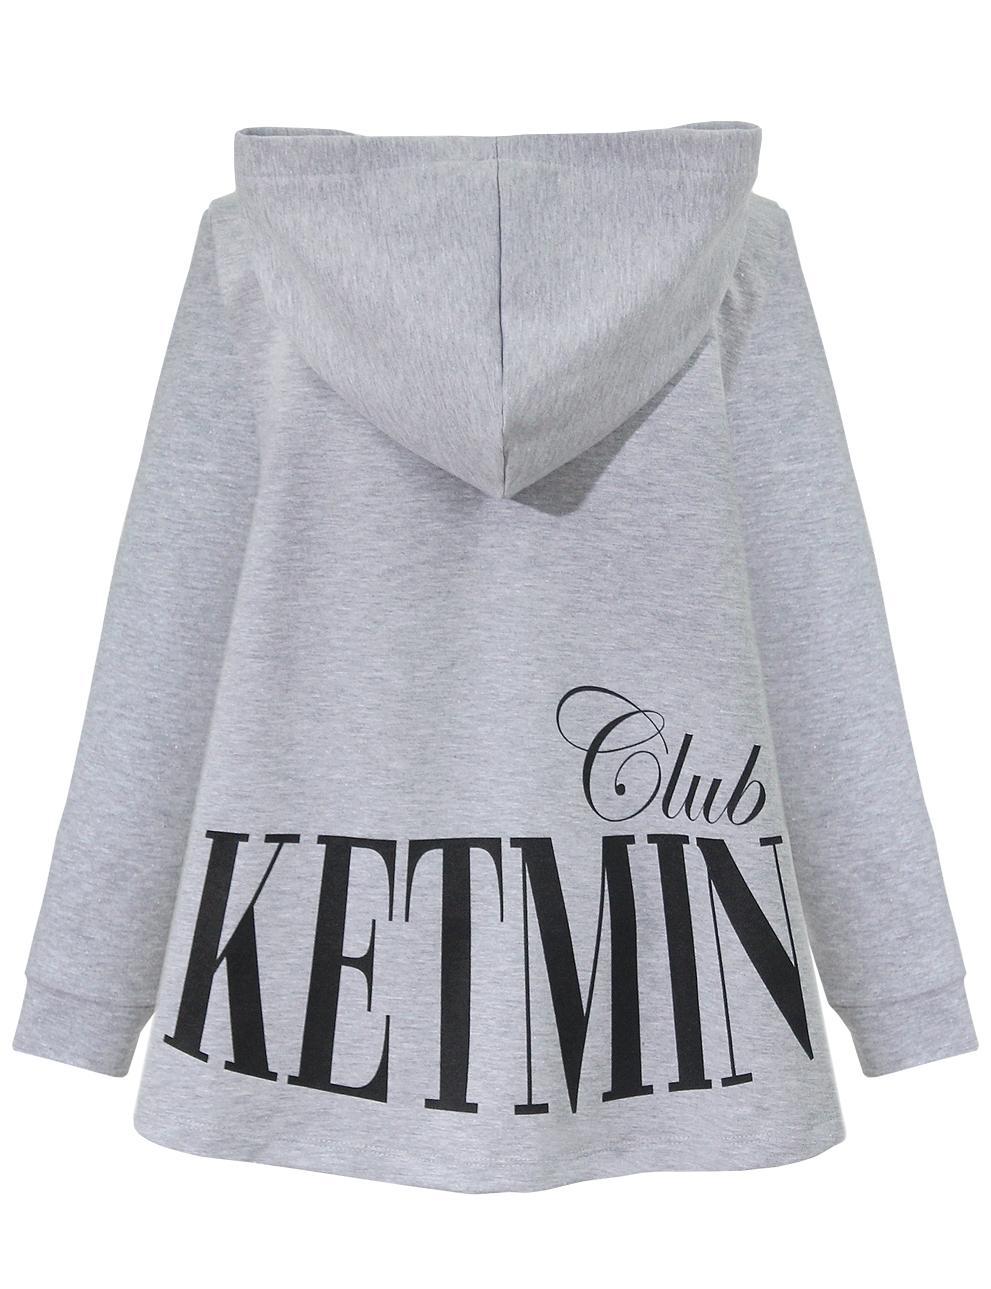 Толстовка детская на молнии KETMIN CLUB цв.Серый меланж